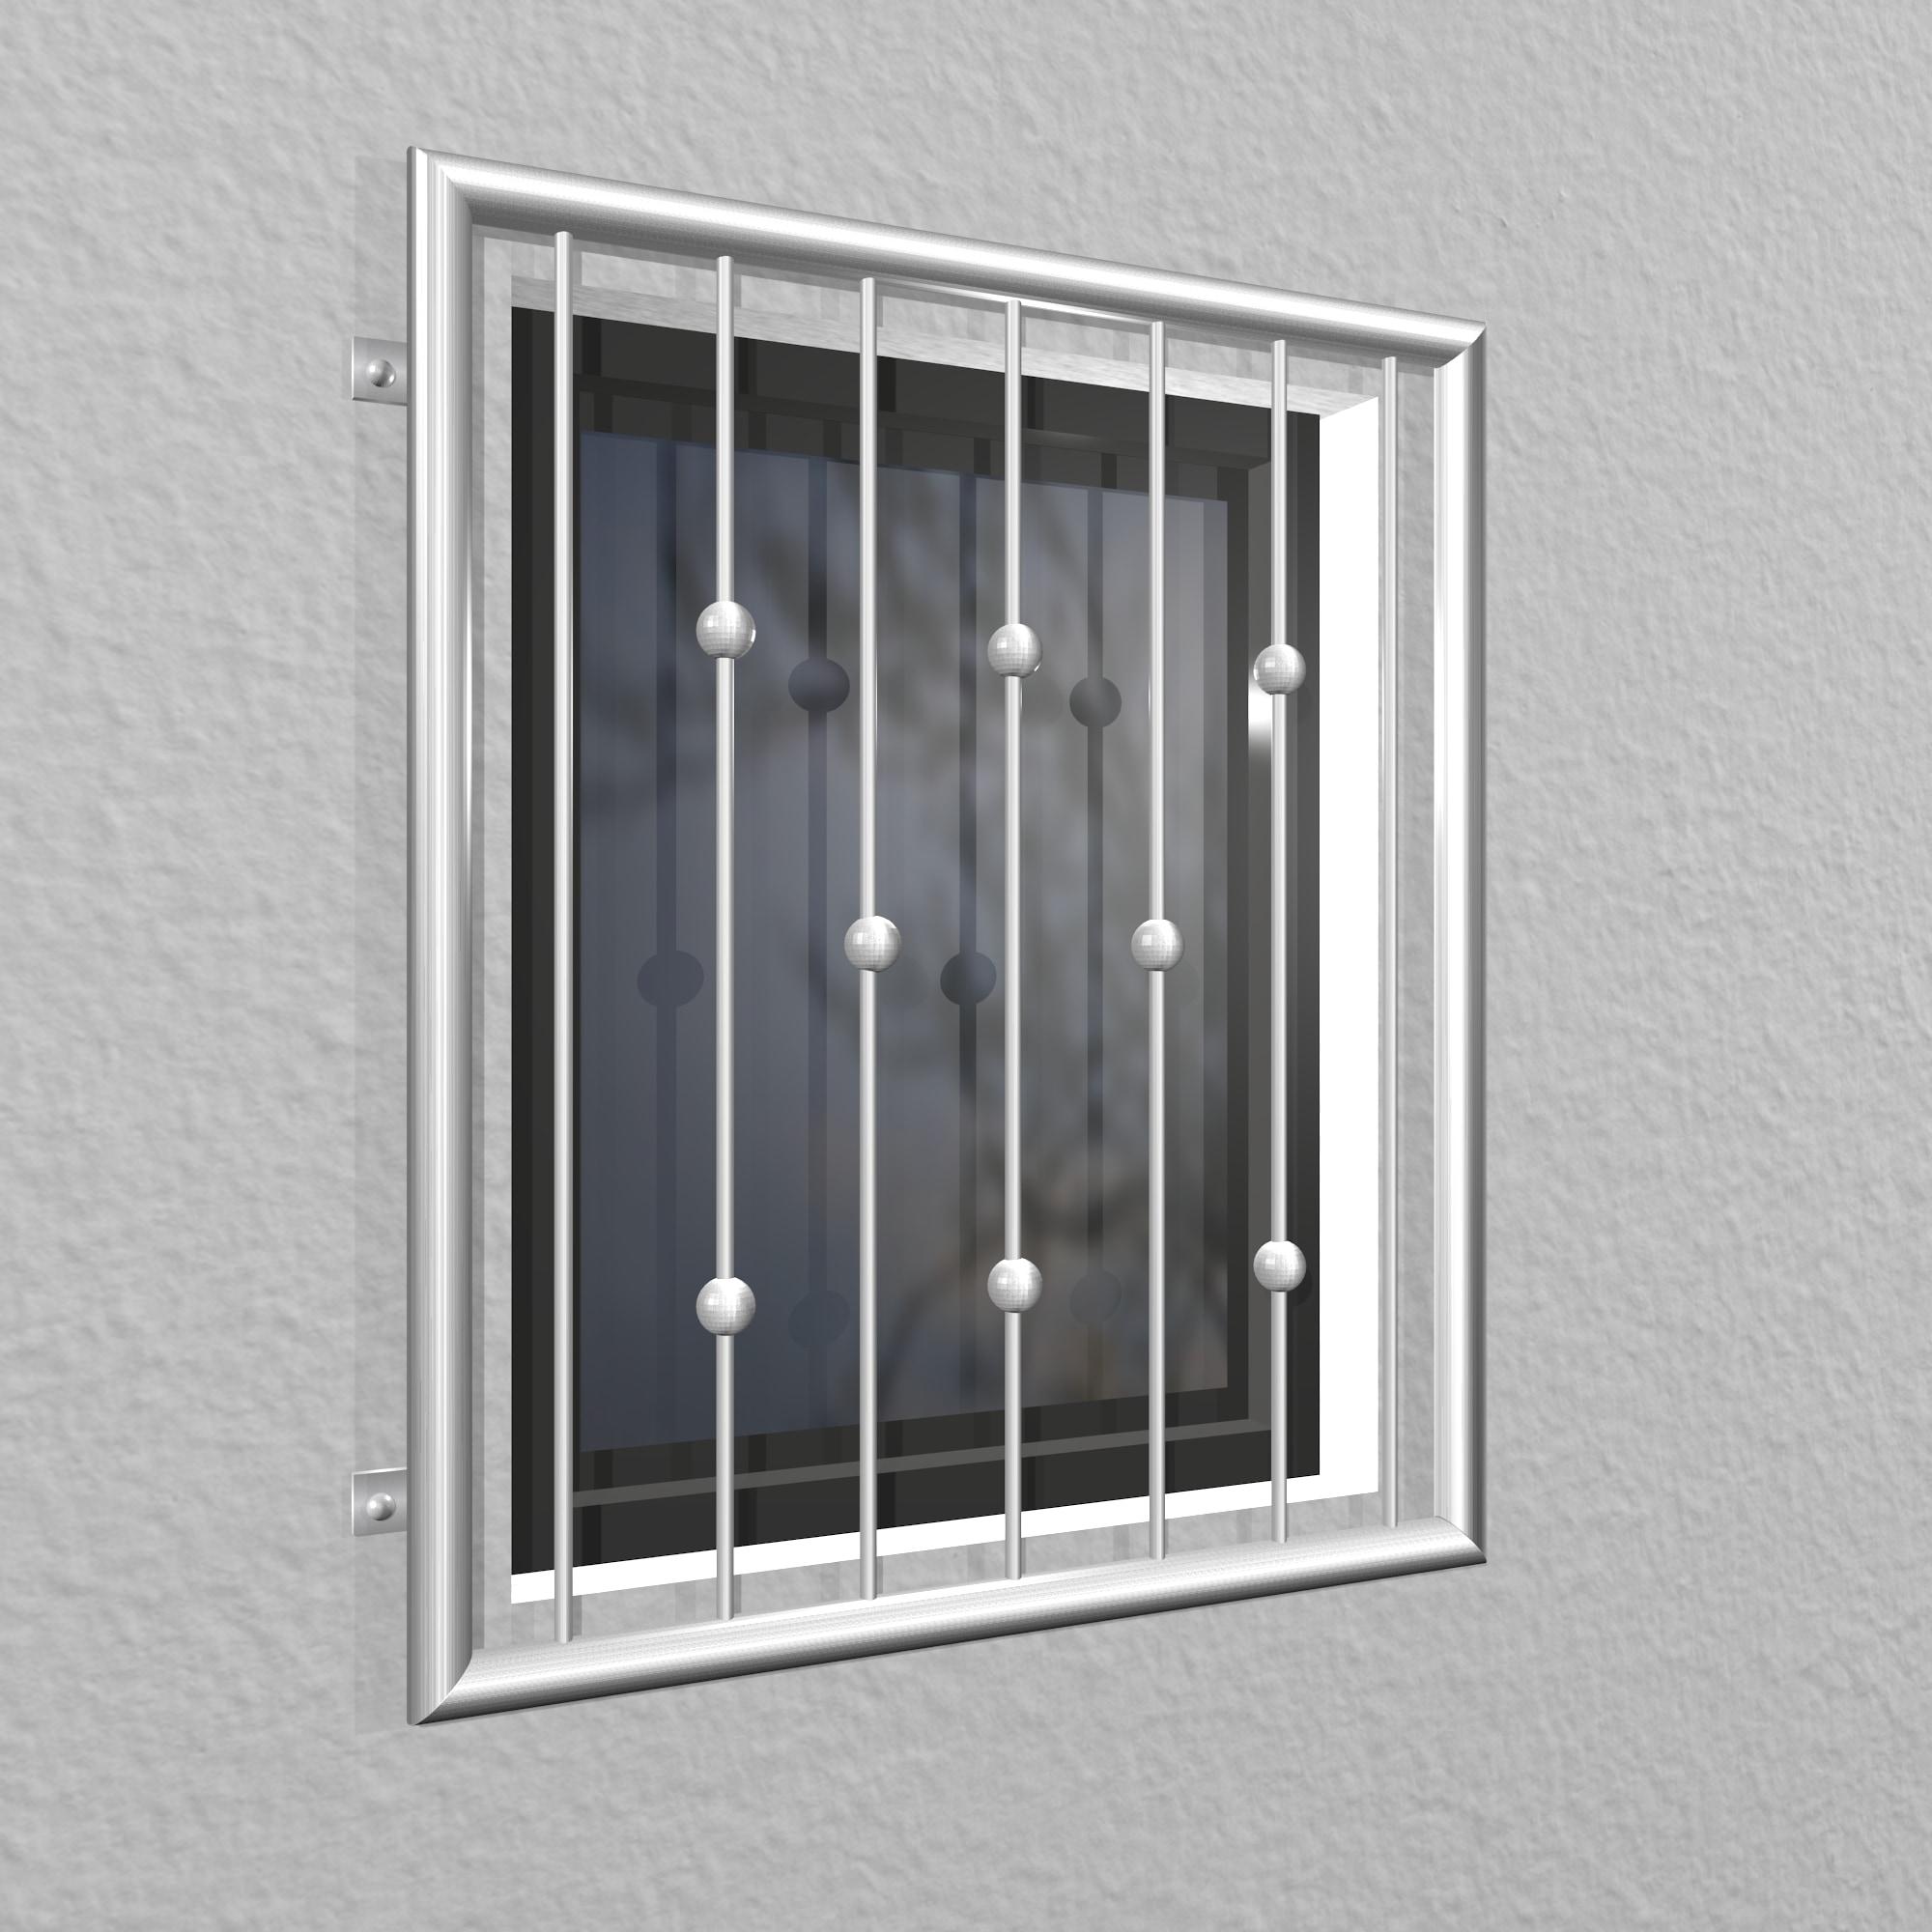 Fenstergitter Edelstahl Kugeln versetzt